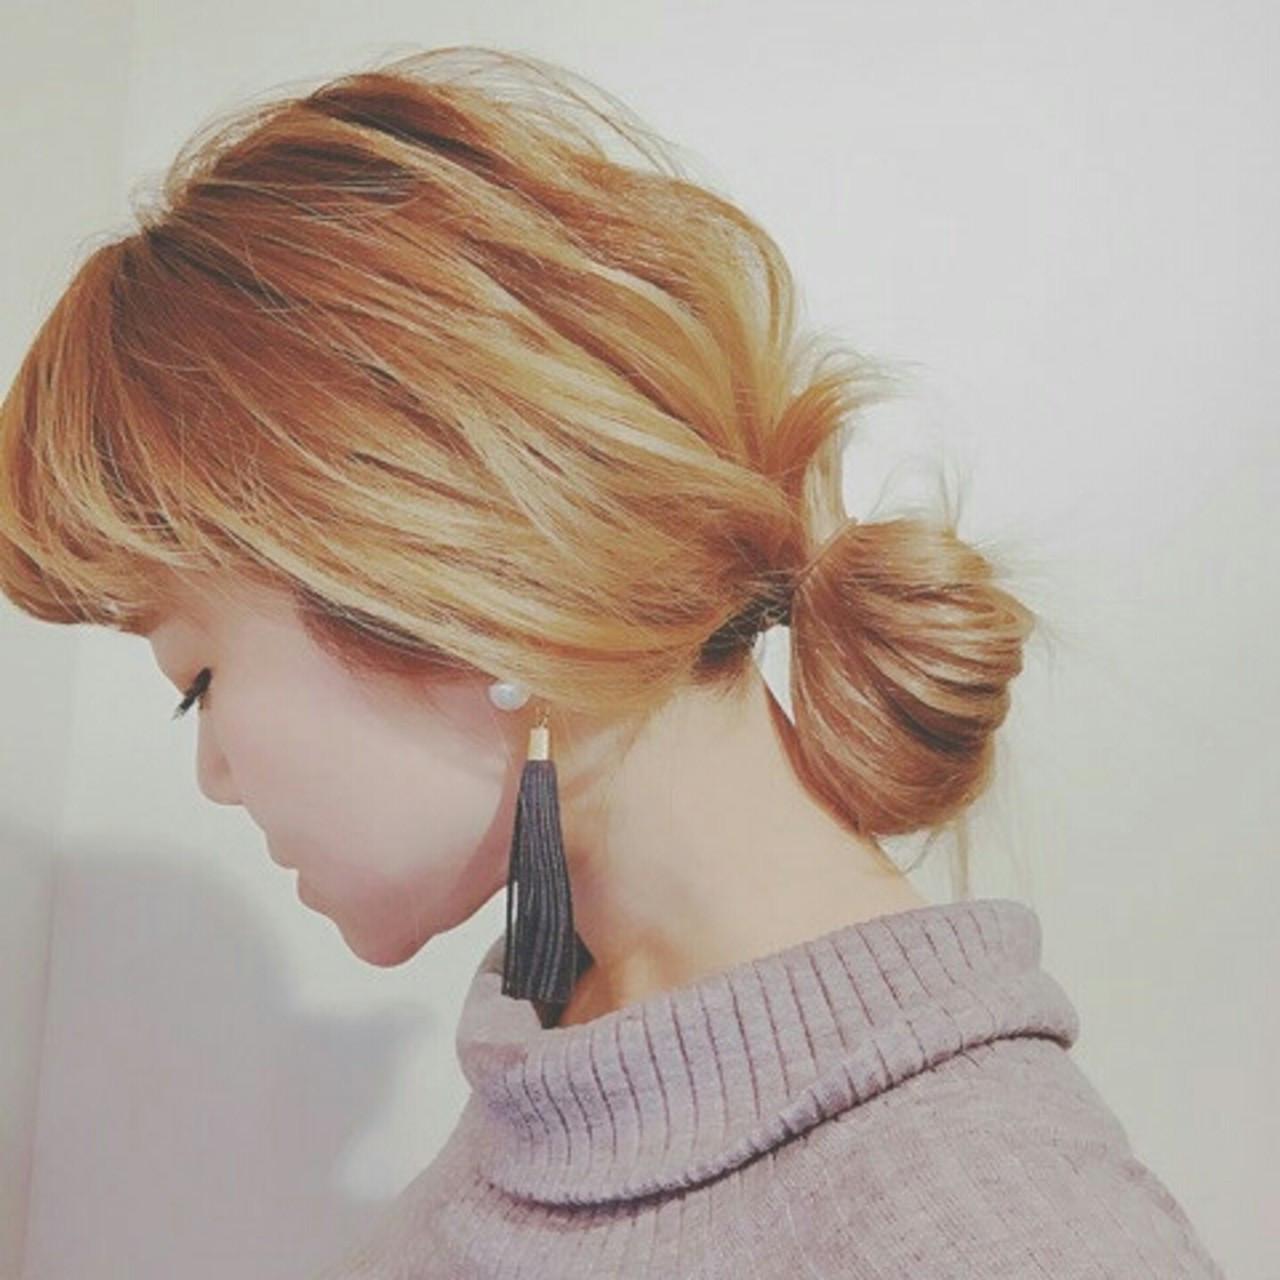 外国人風 ハイライト ロング インナーカラー ヘアスタイルや髪型の写真・画像